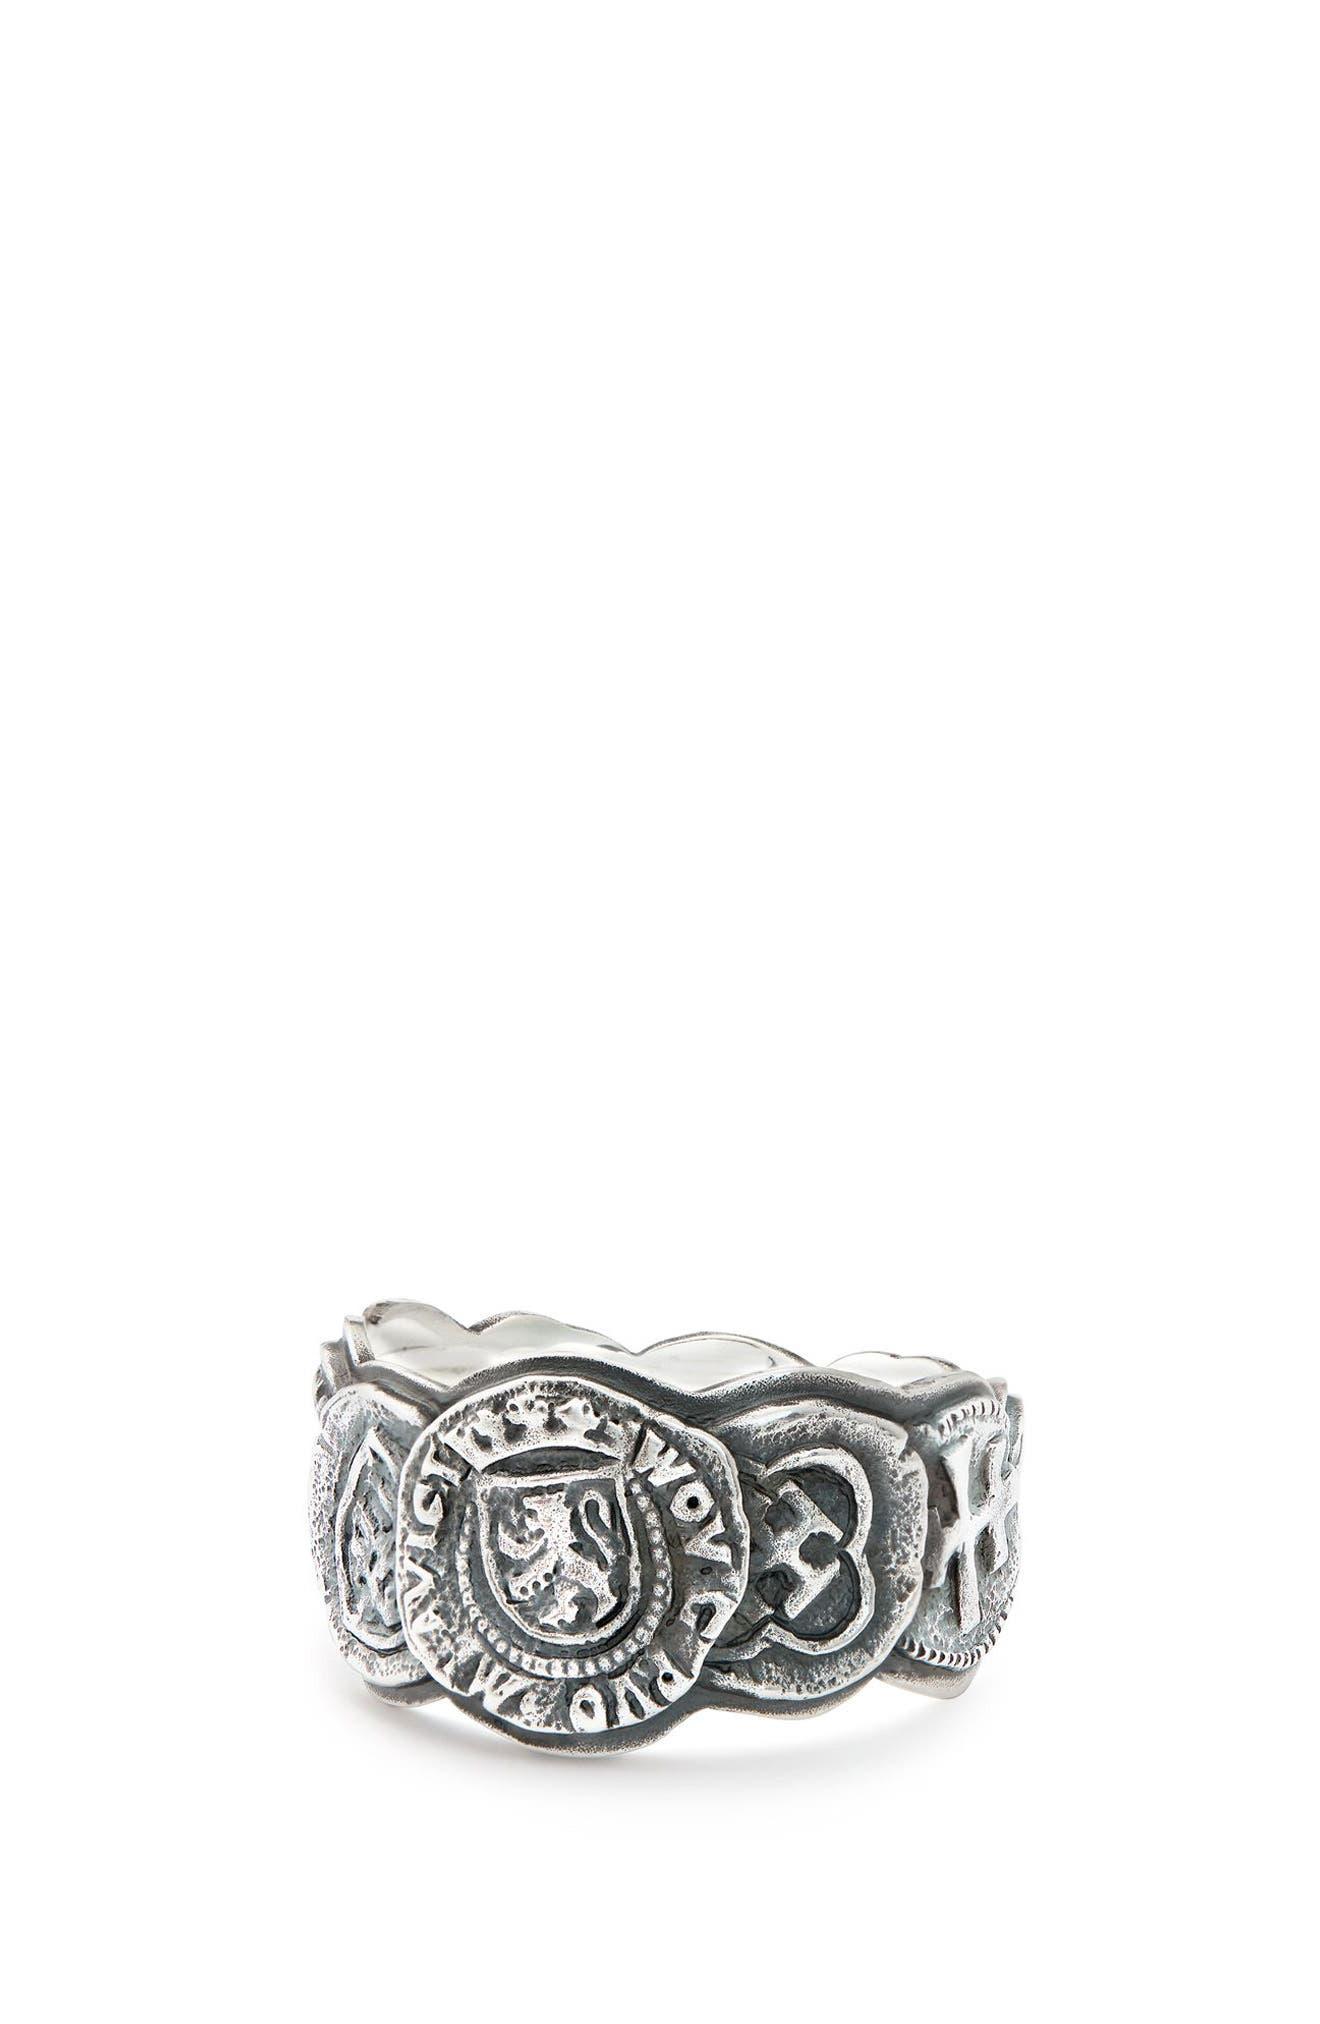 Shipwreck Coin Band Ring, 12mm,                             Main thumbnail 1, color,                             Silver